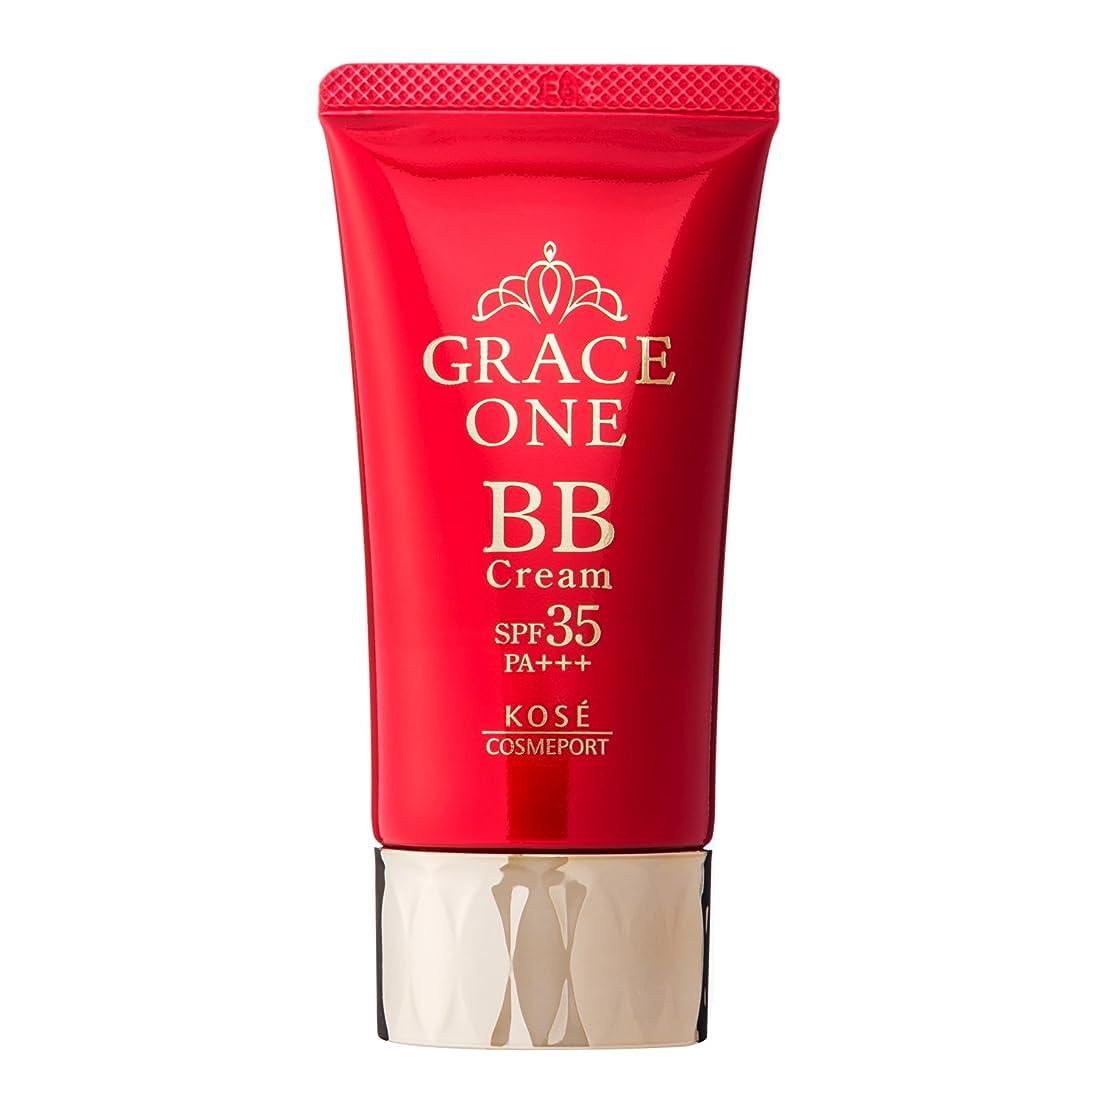 同意するひそかに周術期KOSE グレイス ワン BBクリーム 02 (自然~健康的な肌色)